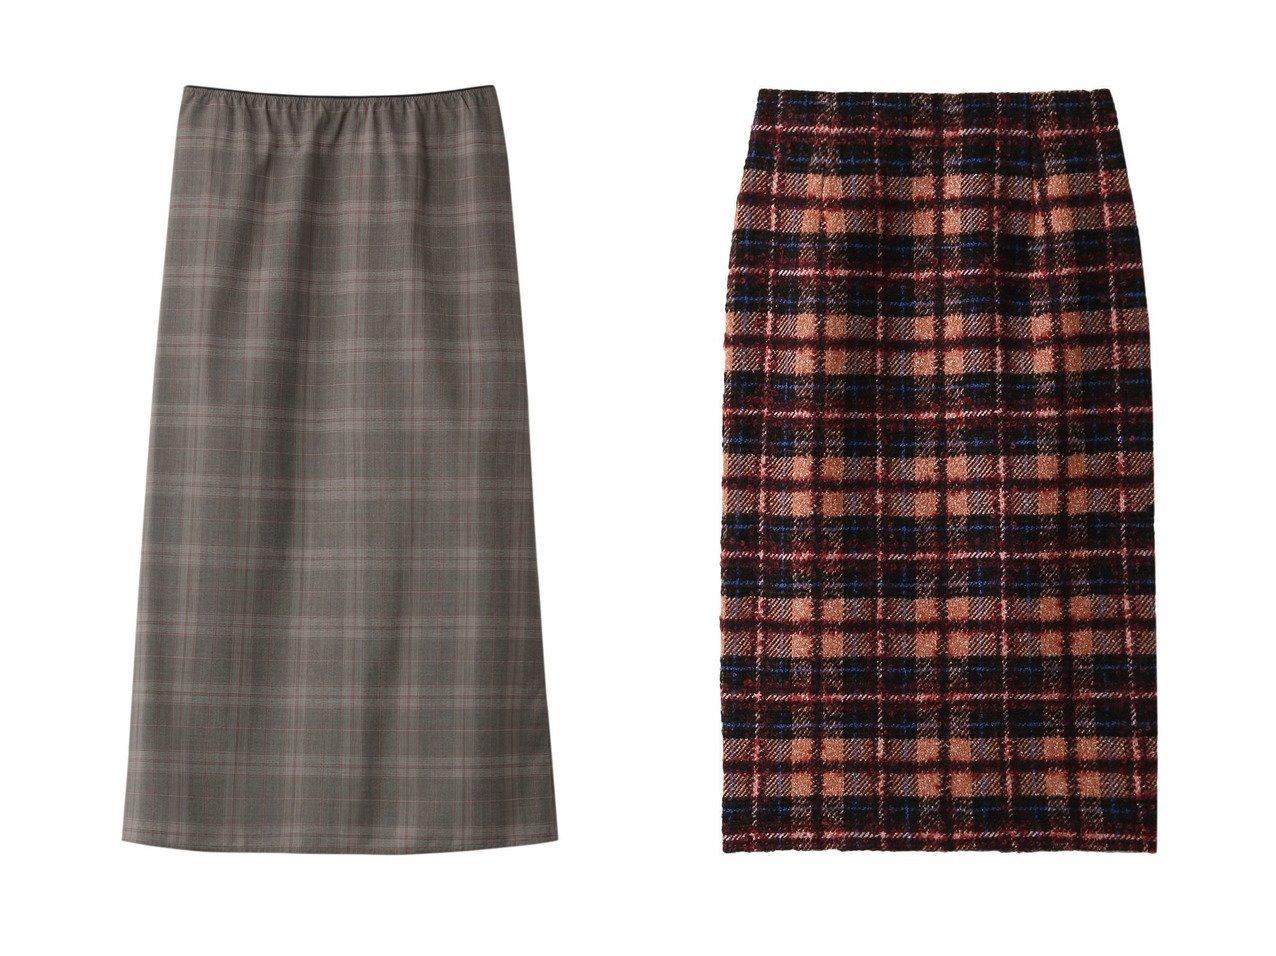 【martinique/マルティニーク】の【SOFIE D HOORE】ウールチェックスカート&【ANAYI/アナイ】のループチェックタイトスカート スカートのおすすめ!人気、トレンド・レディースファッションの通販 おすすめで人気の流行・トレンド、ファッションの通販商品 メンズファッション・キッズファッション・インテリア・家具・レディースファッション・服の通販 founy(ファニー) https://founy.com/ ファッション Fashion レディースファッション WOMEN スカート Skirt ガーリー チェック 再入荷 Restock/Back in Stock/Re Arrival 防寒 カットソー クラシカル タートルネック モヘア |ID:crp329100000012907